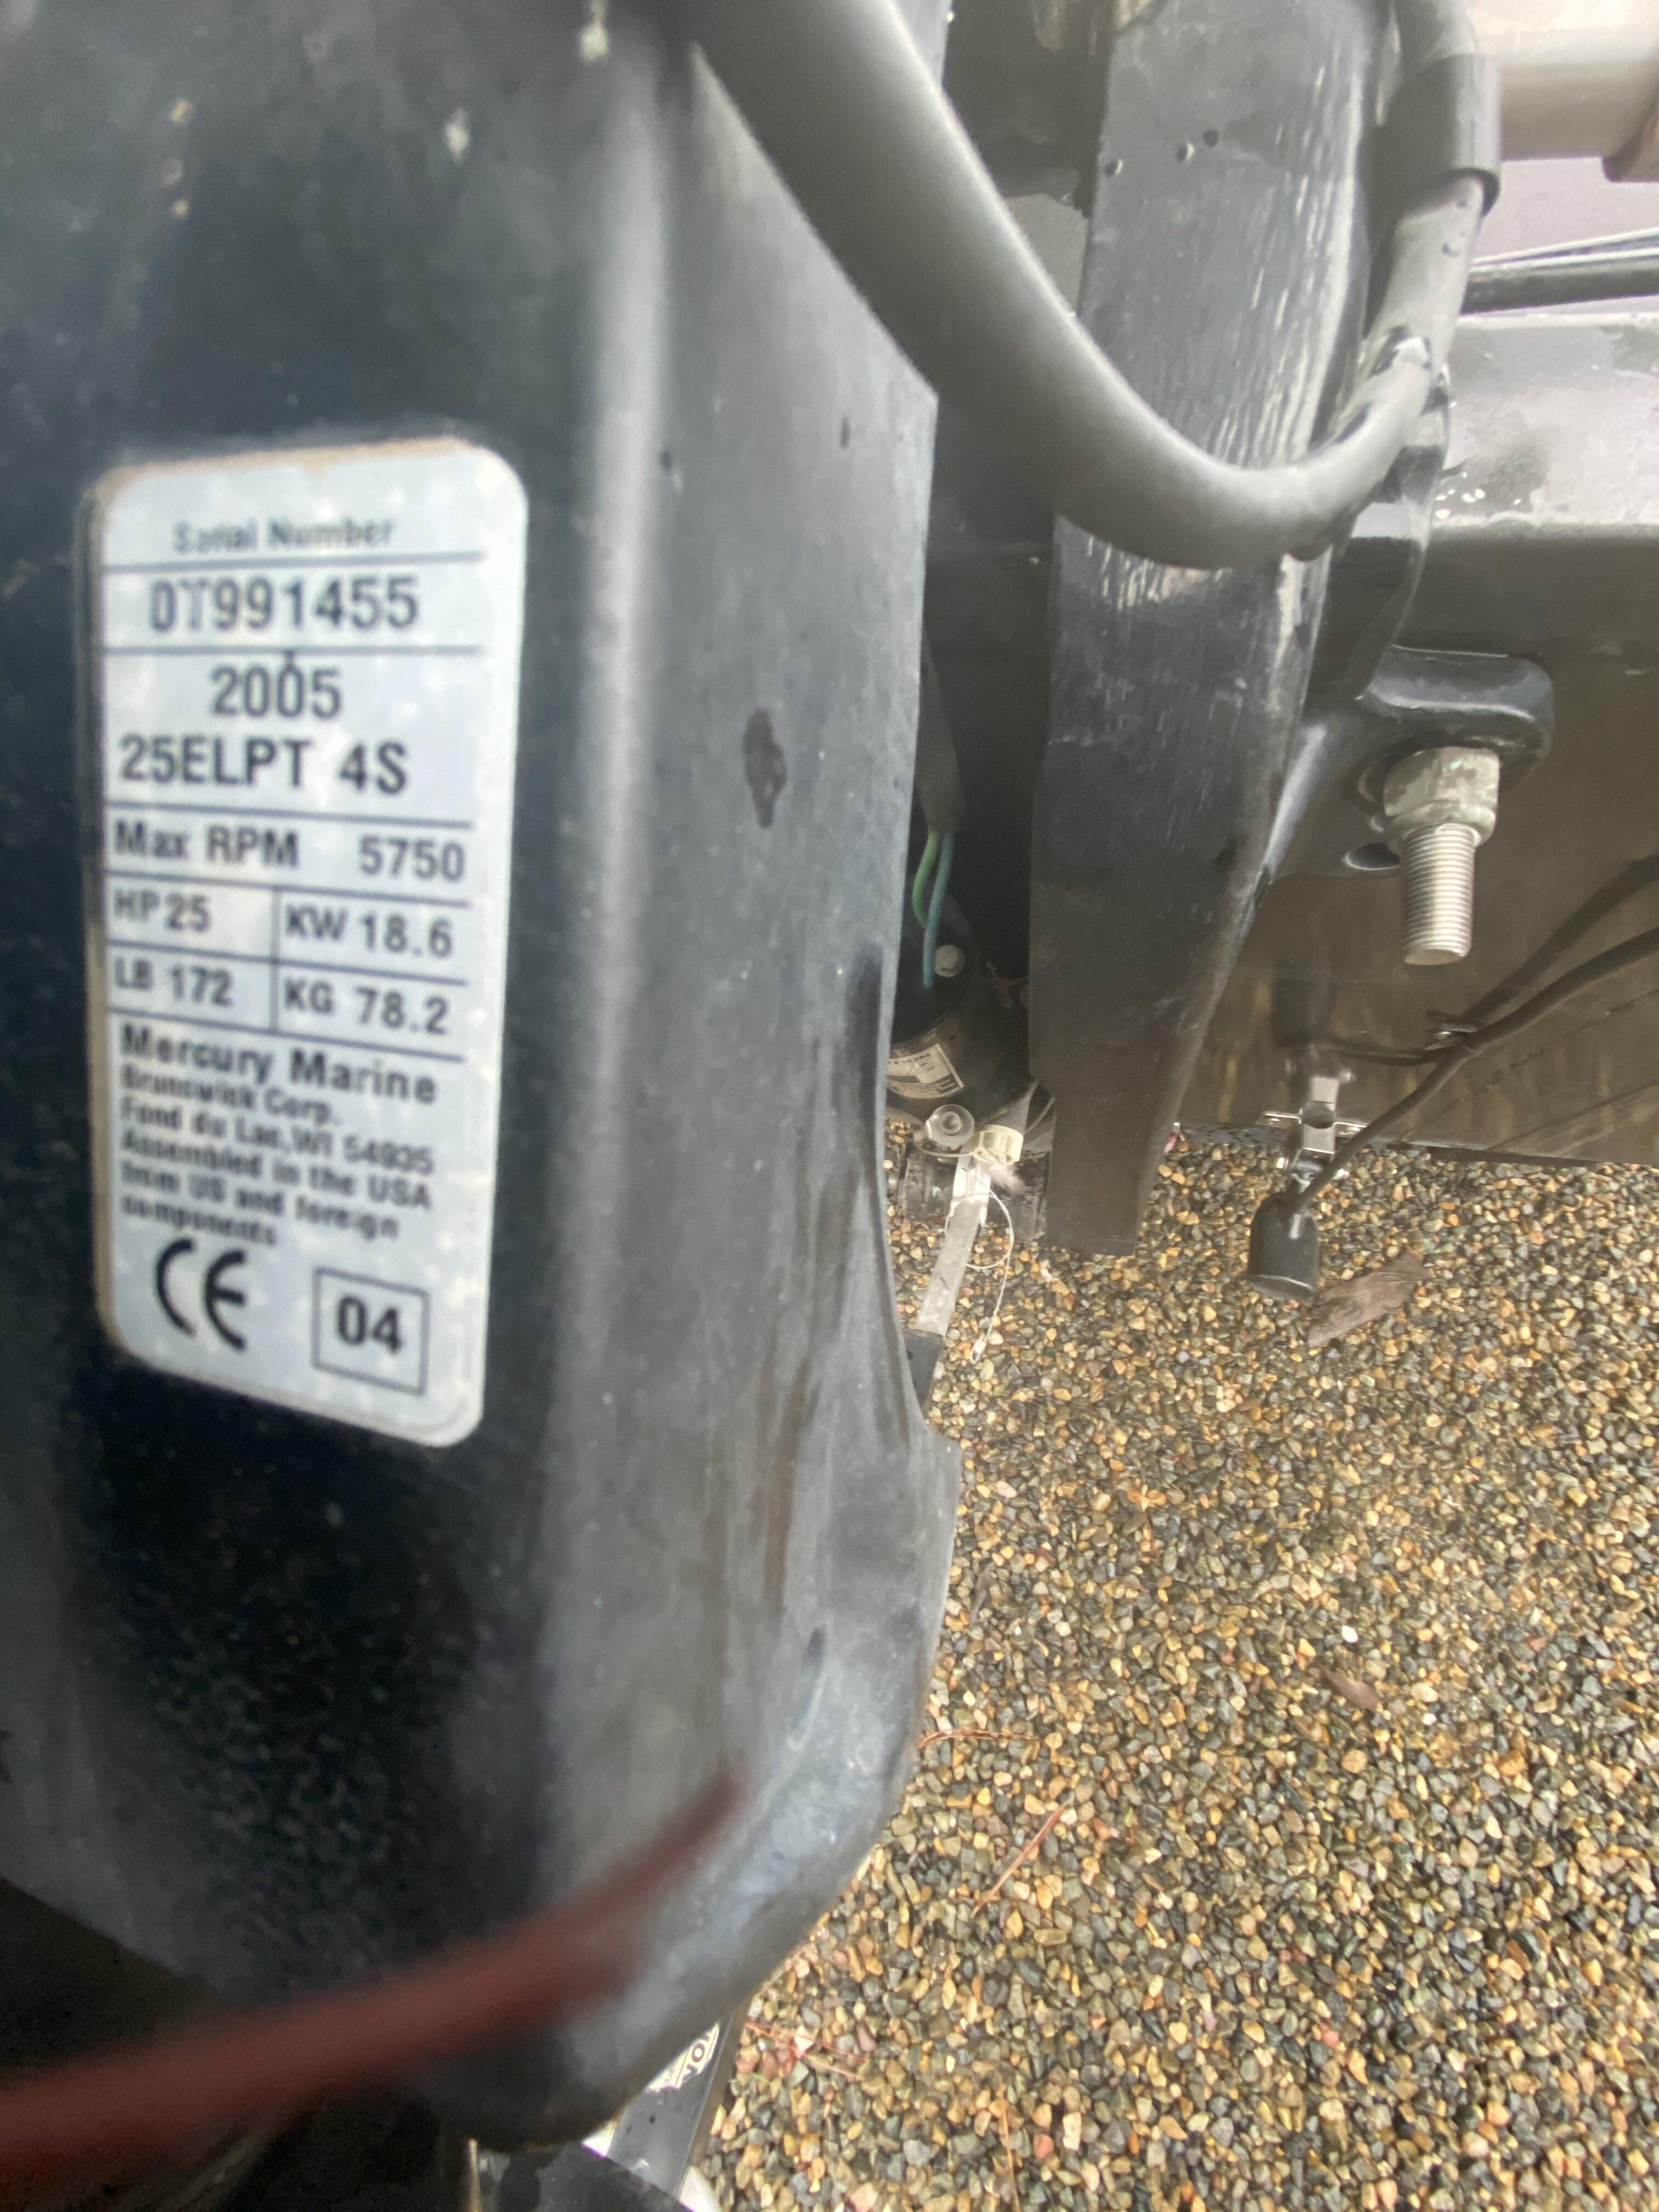 D410E71C-F71A-45FA-816B-EB0C77E00A41.jpeg